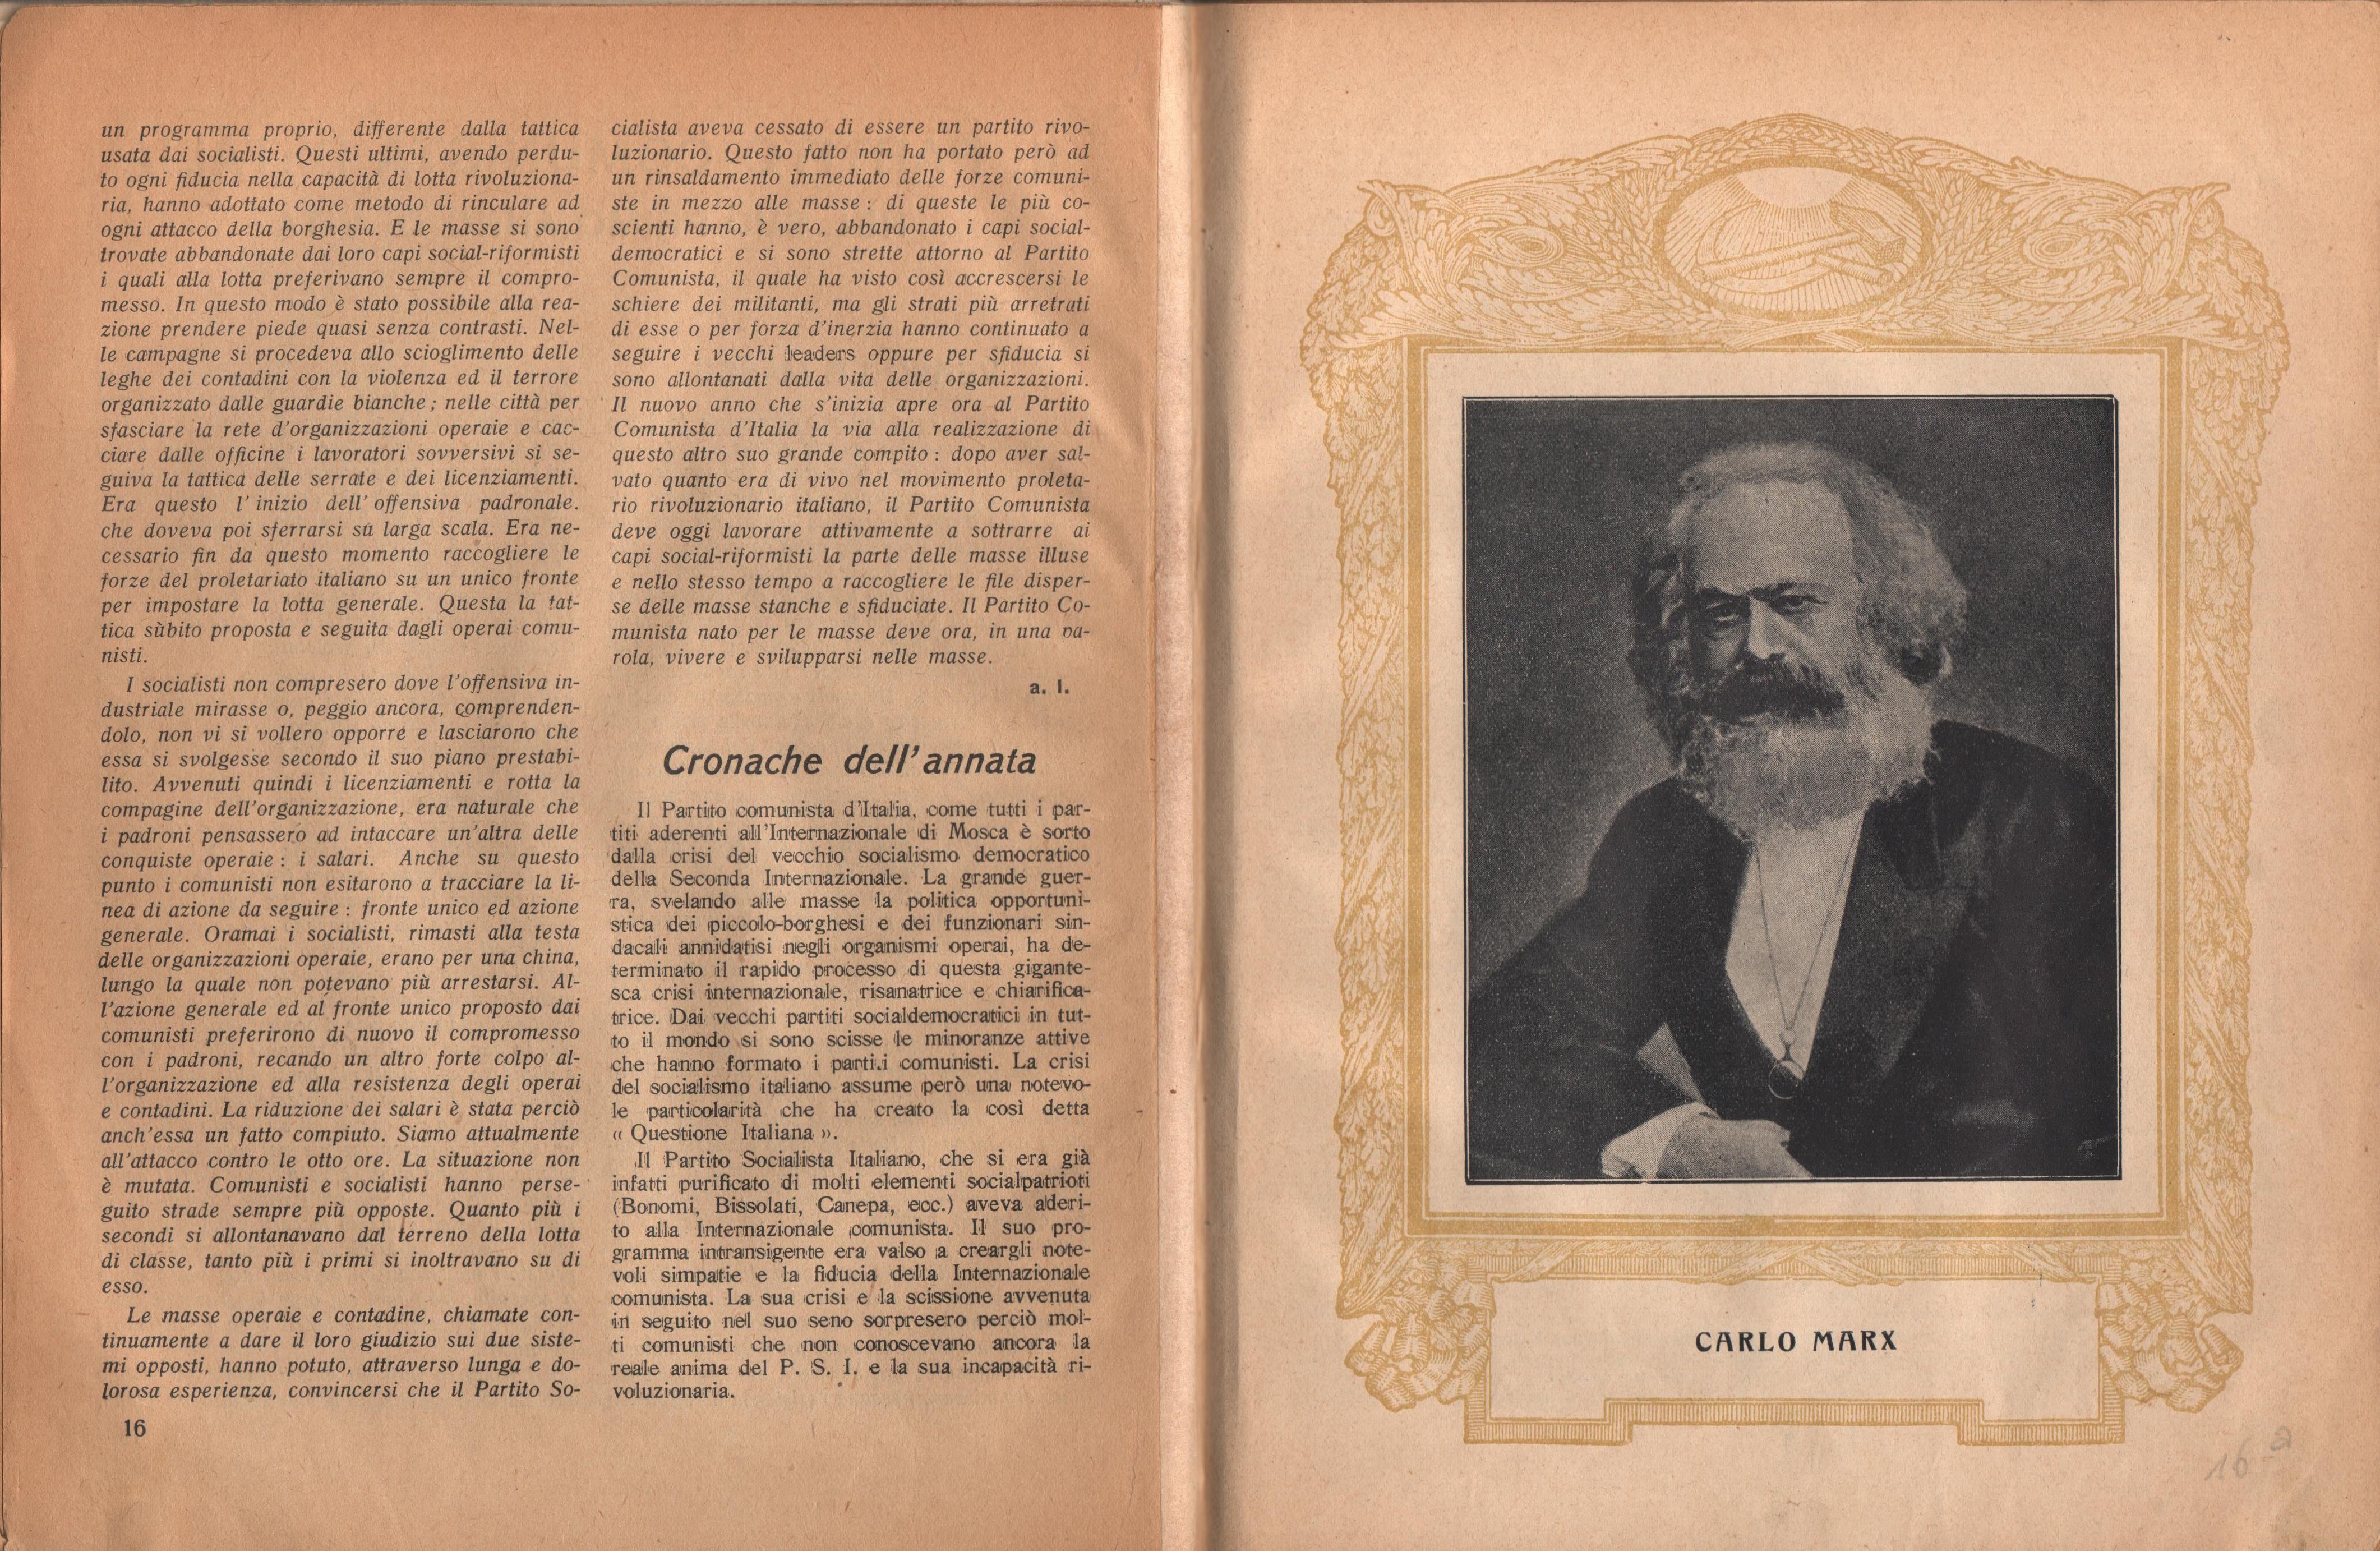 Almanacco comunista 1922 - pag. 10